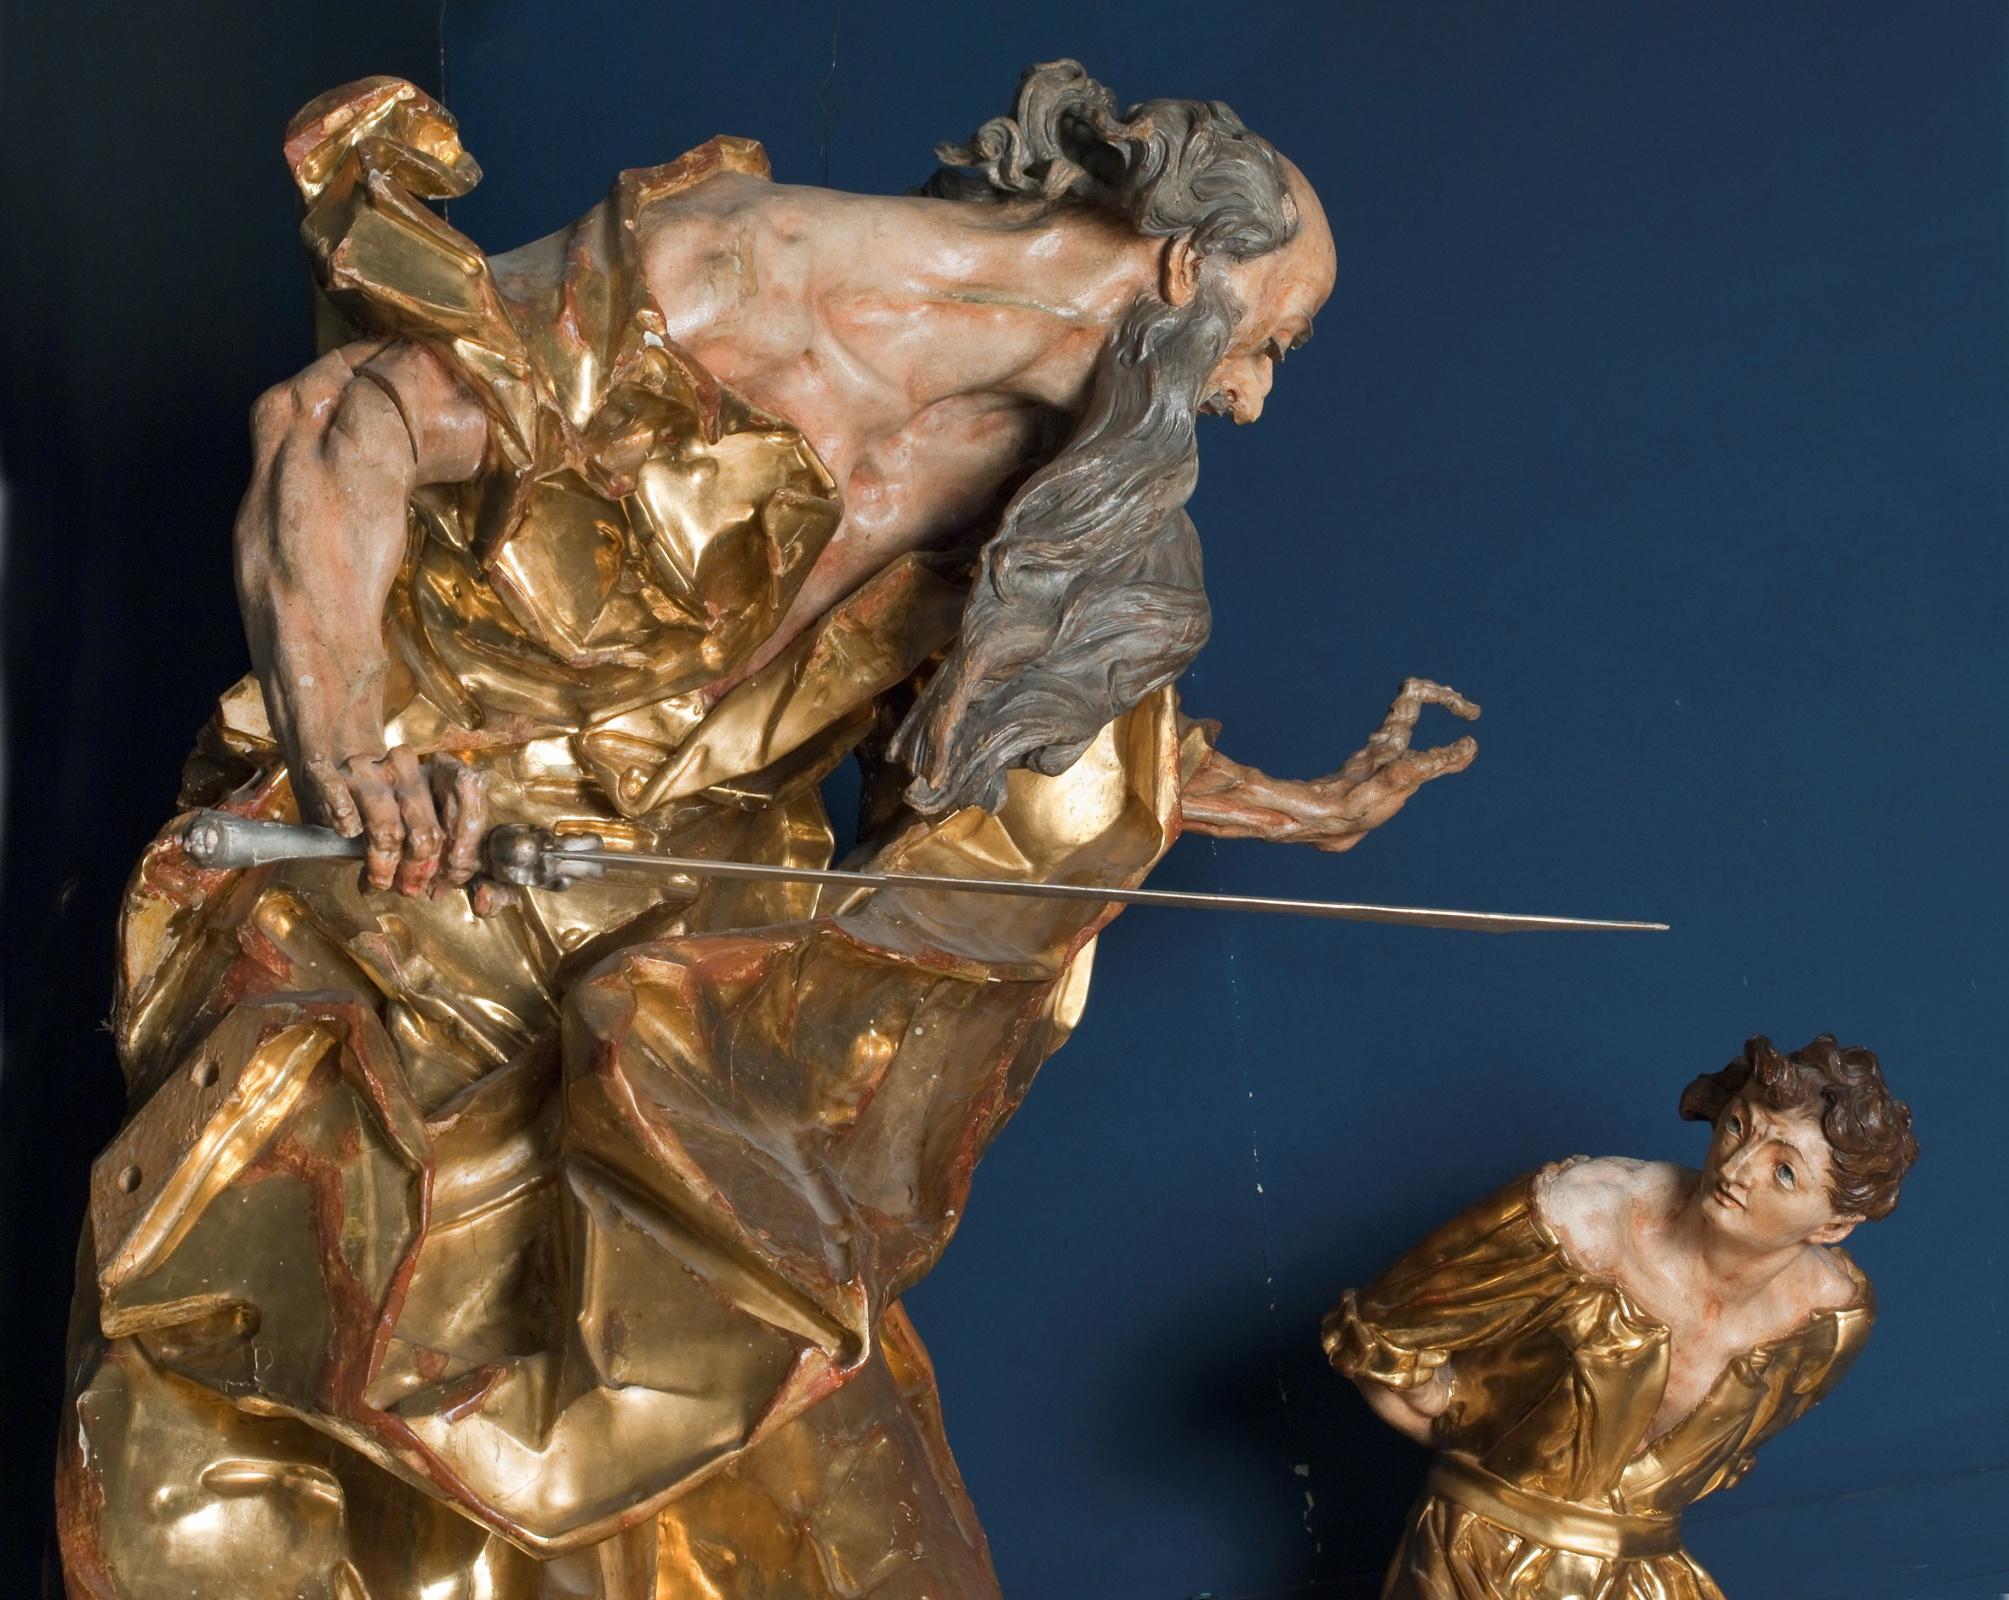 Небесный скульптор»: выставка работ Иоганна Пинзеля откроется в ...